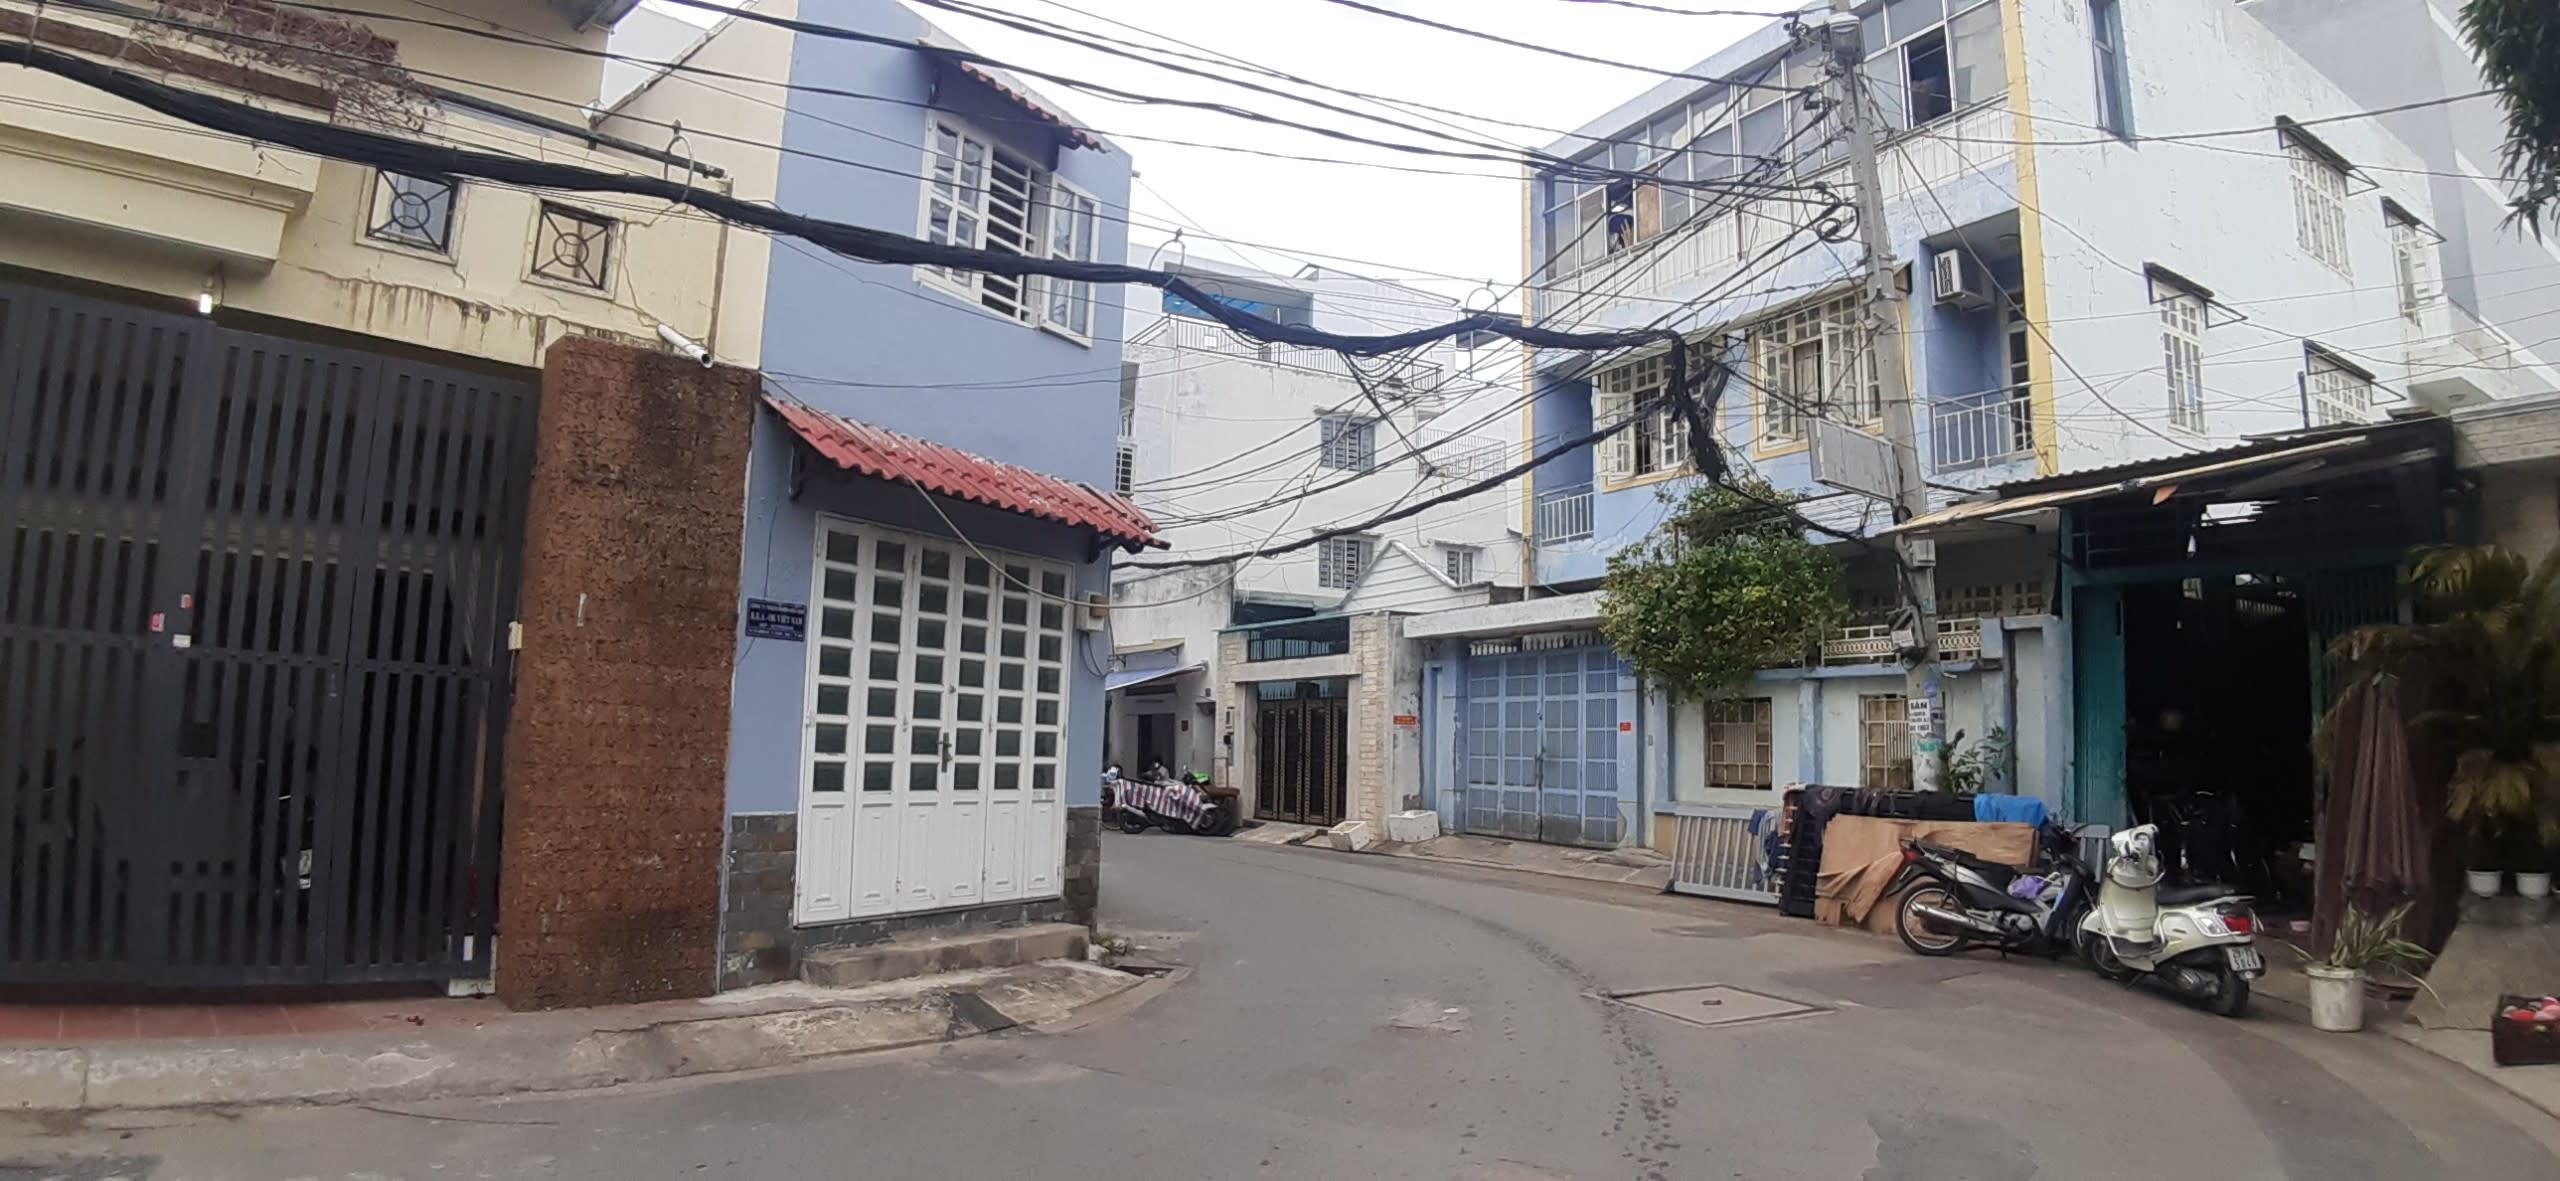 Nhà Mặt Tiền Đường Số Tân Quy 25A, DT 5x25m 1 Lầu Giá 12.5 Tỷ.